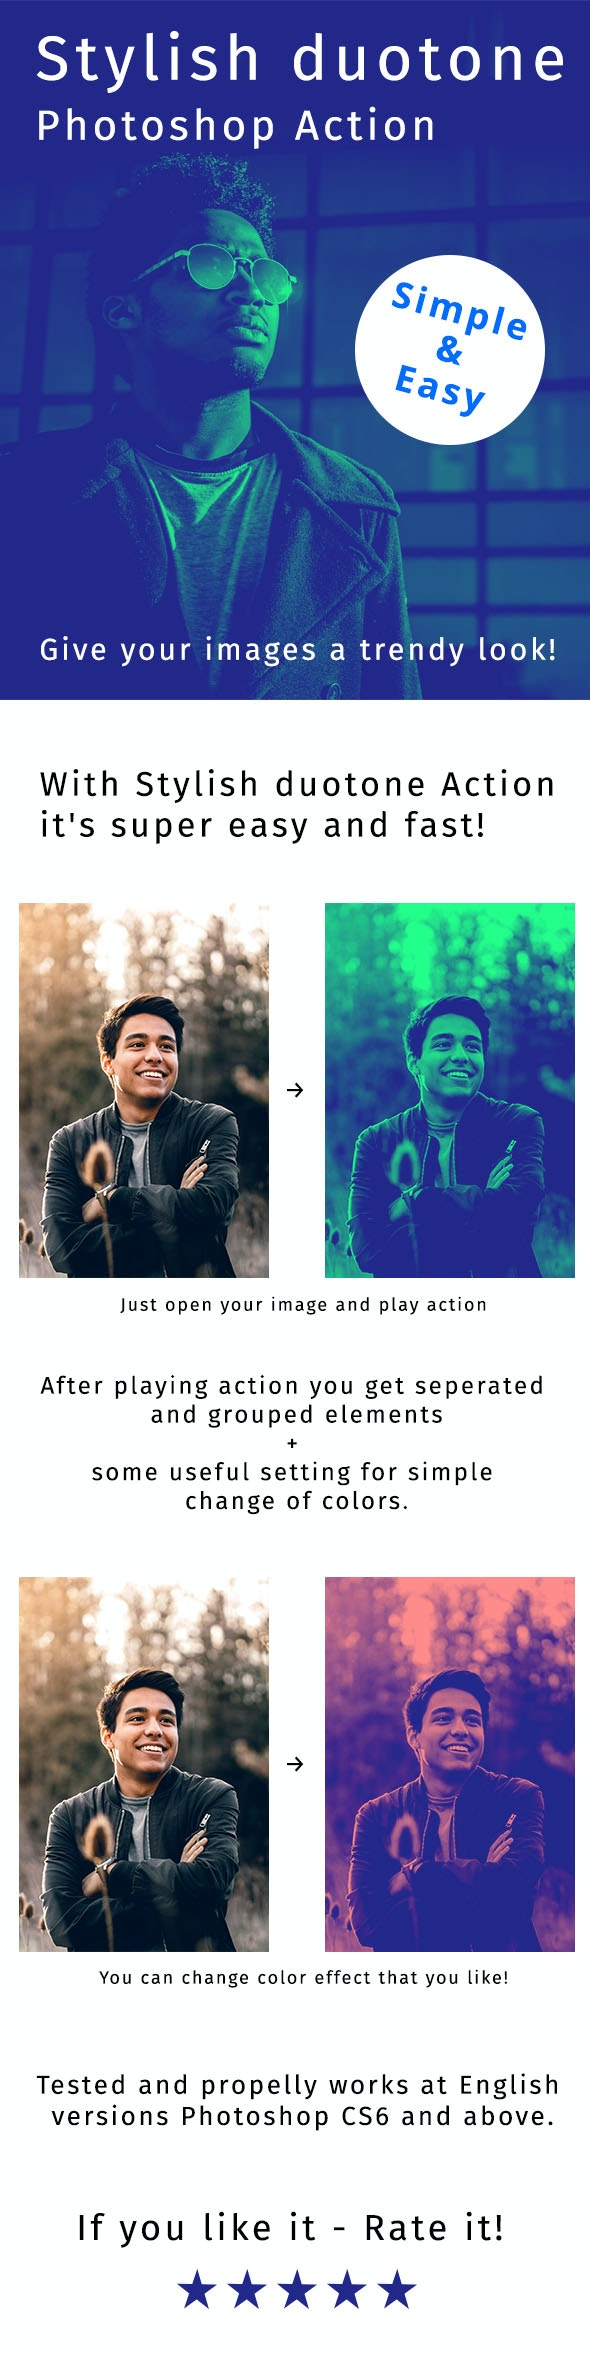 Stylish Duotone Photoshop Action - Actions Photoshop